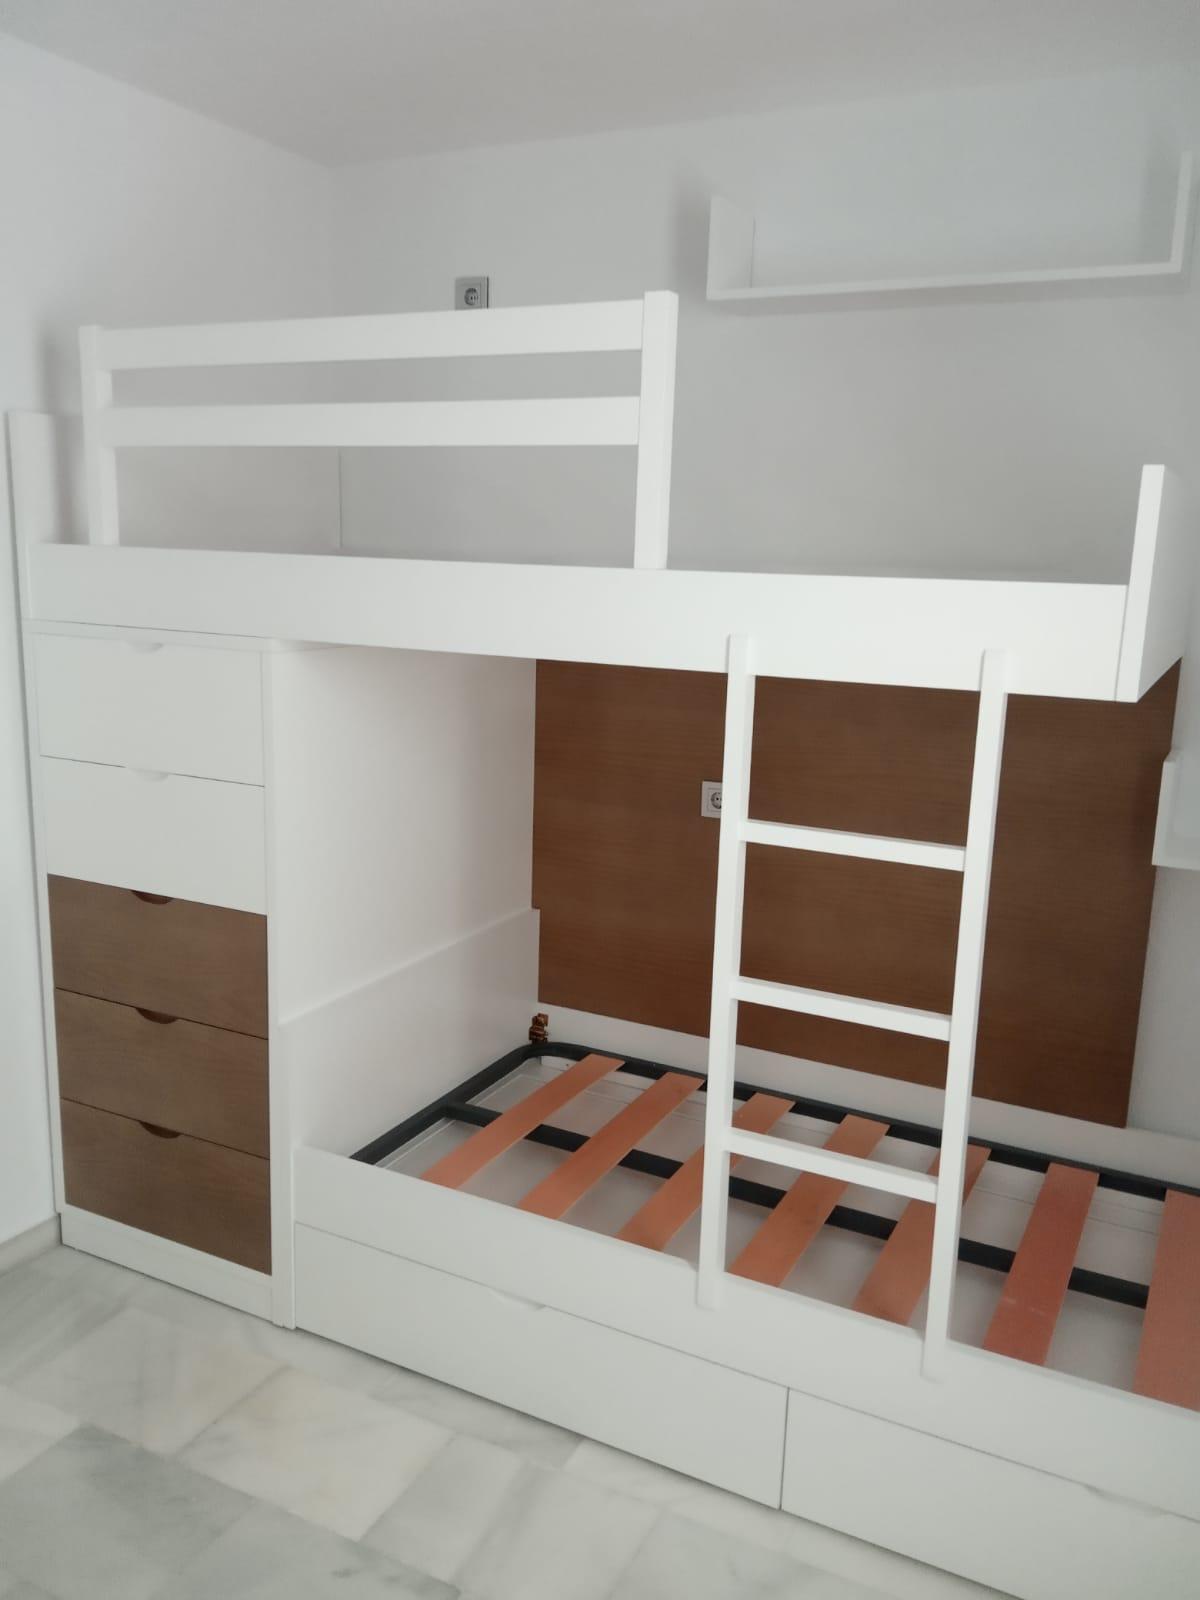 Litera con dos camas y cajones de almacenaje